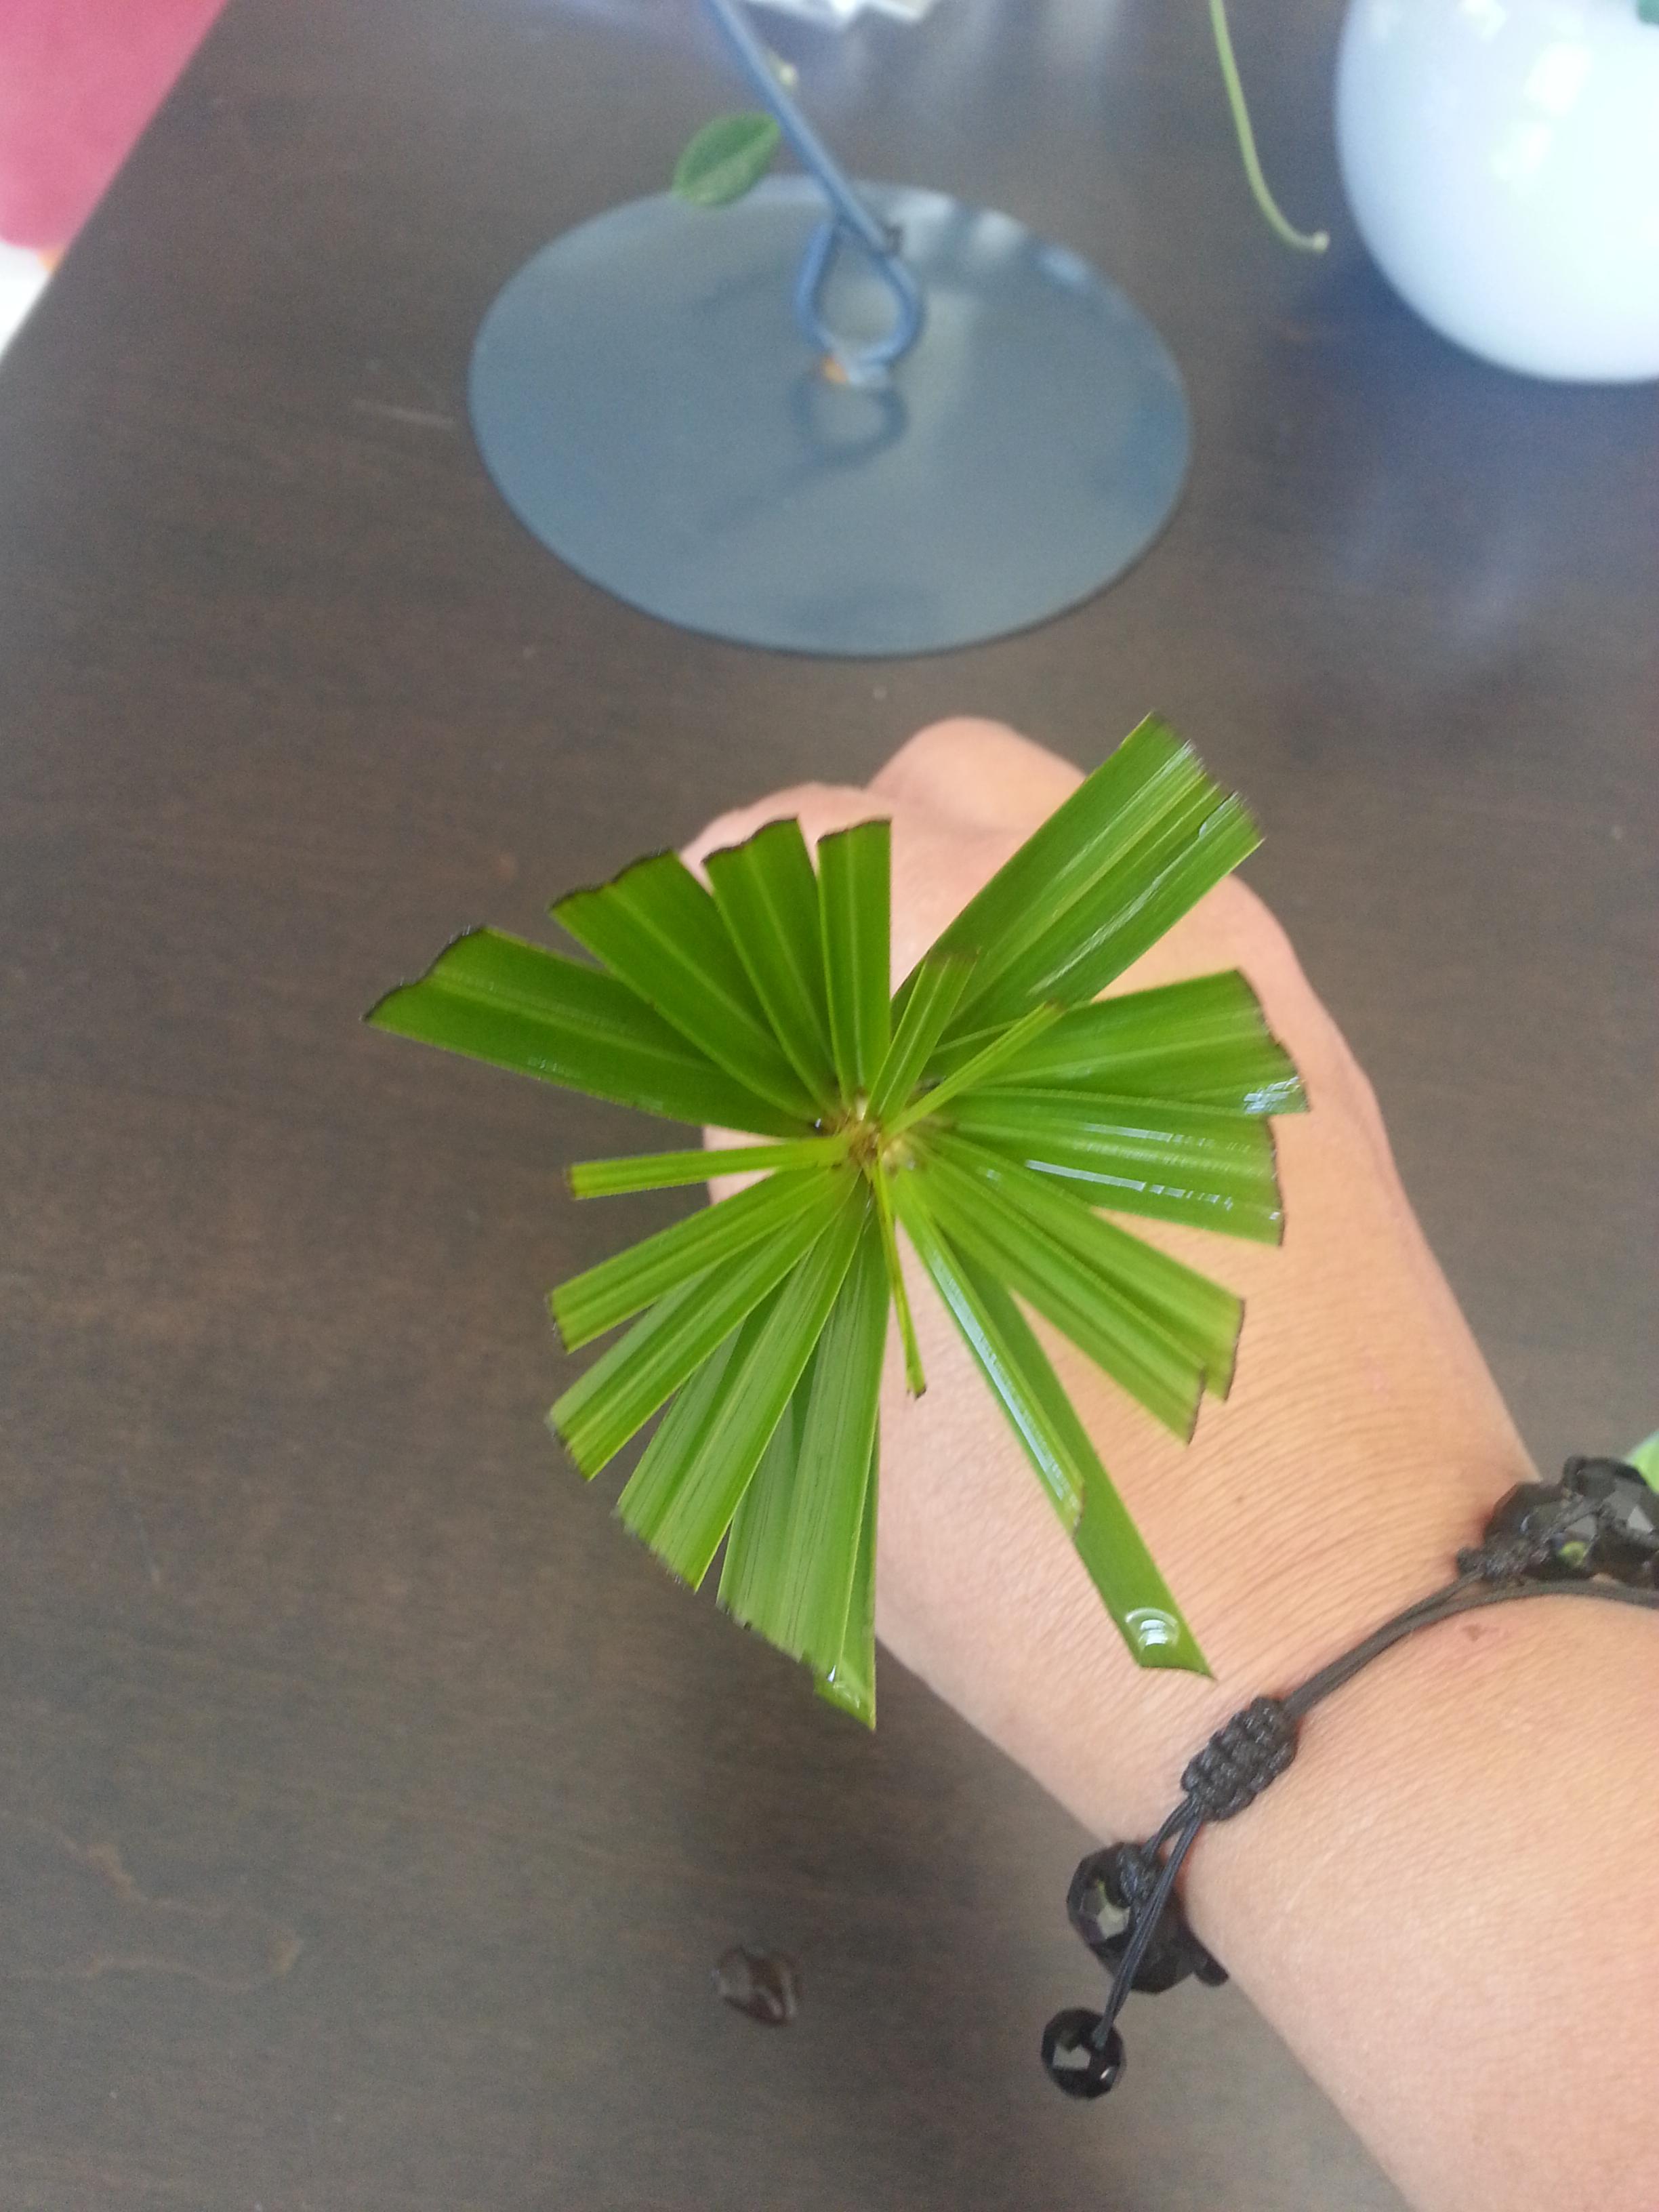 bouture de papyrus alternifolia - Cyperus alternifolius  77632920140902140846